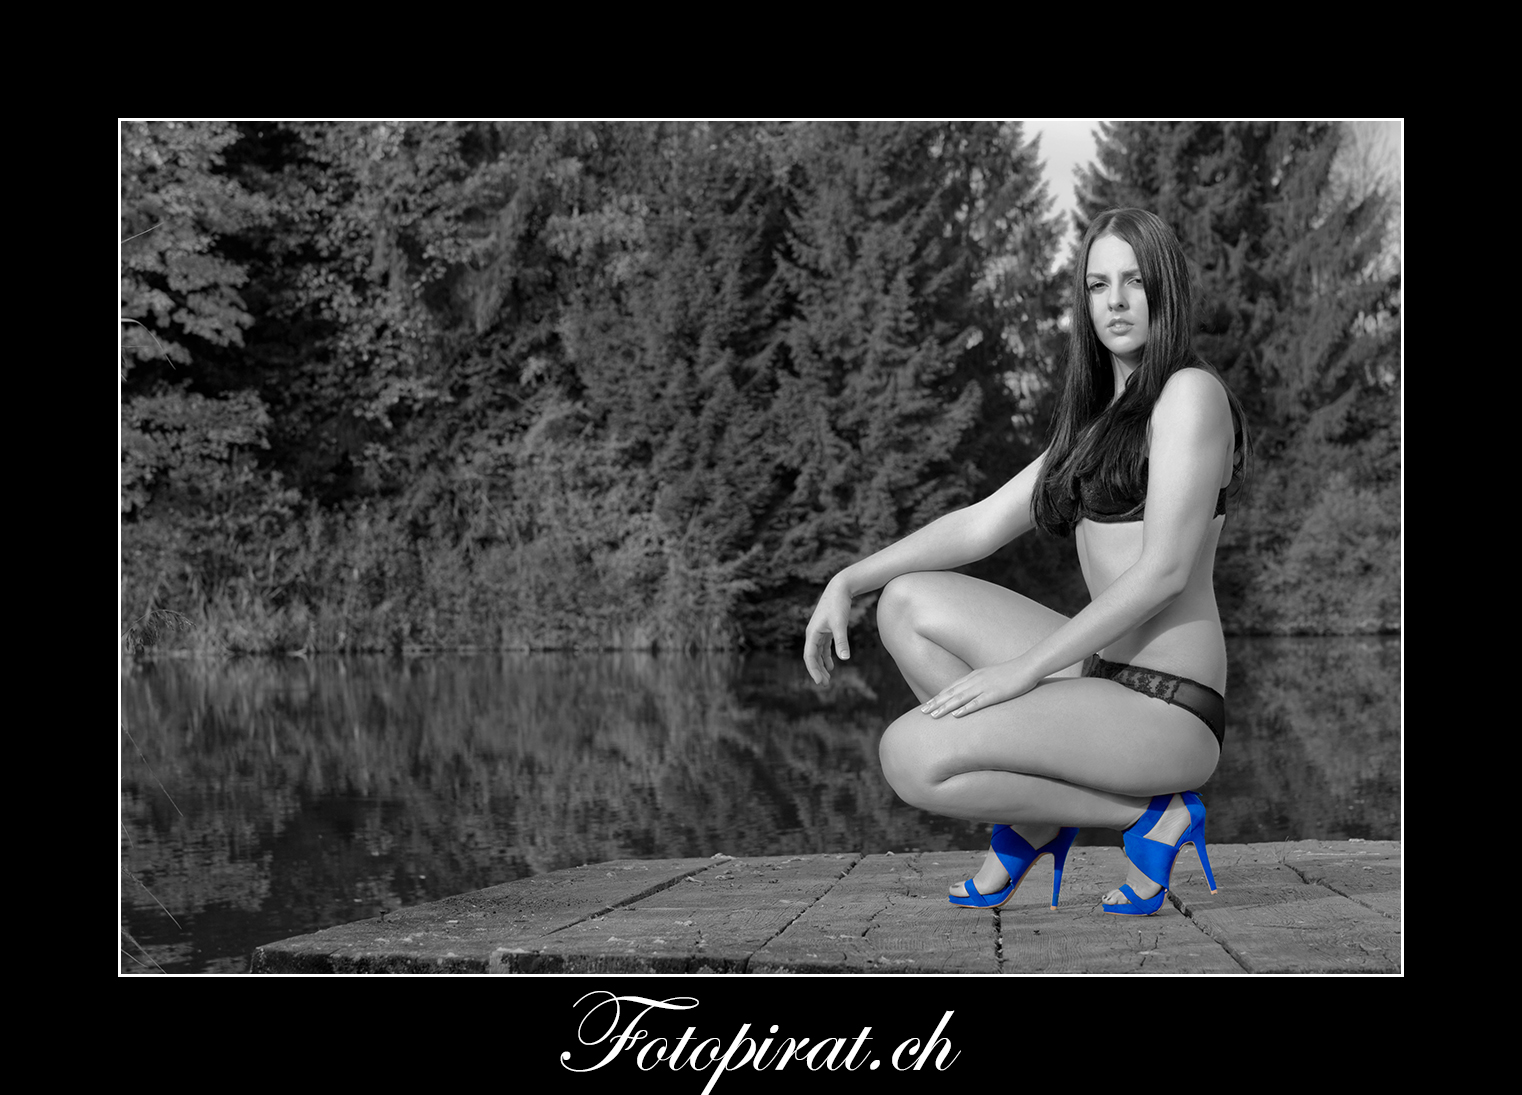 Fotoshooting, outdoor, Modelagentur, sexy Model, Sportmodel, Fitnessmodel, Dessous, eyecatcher, Shooting Ostschweiz